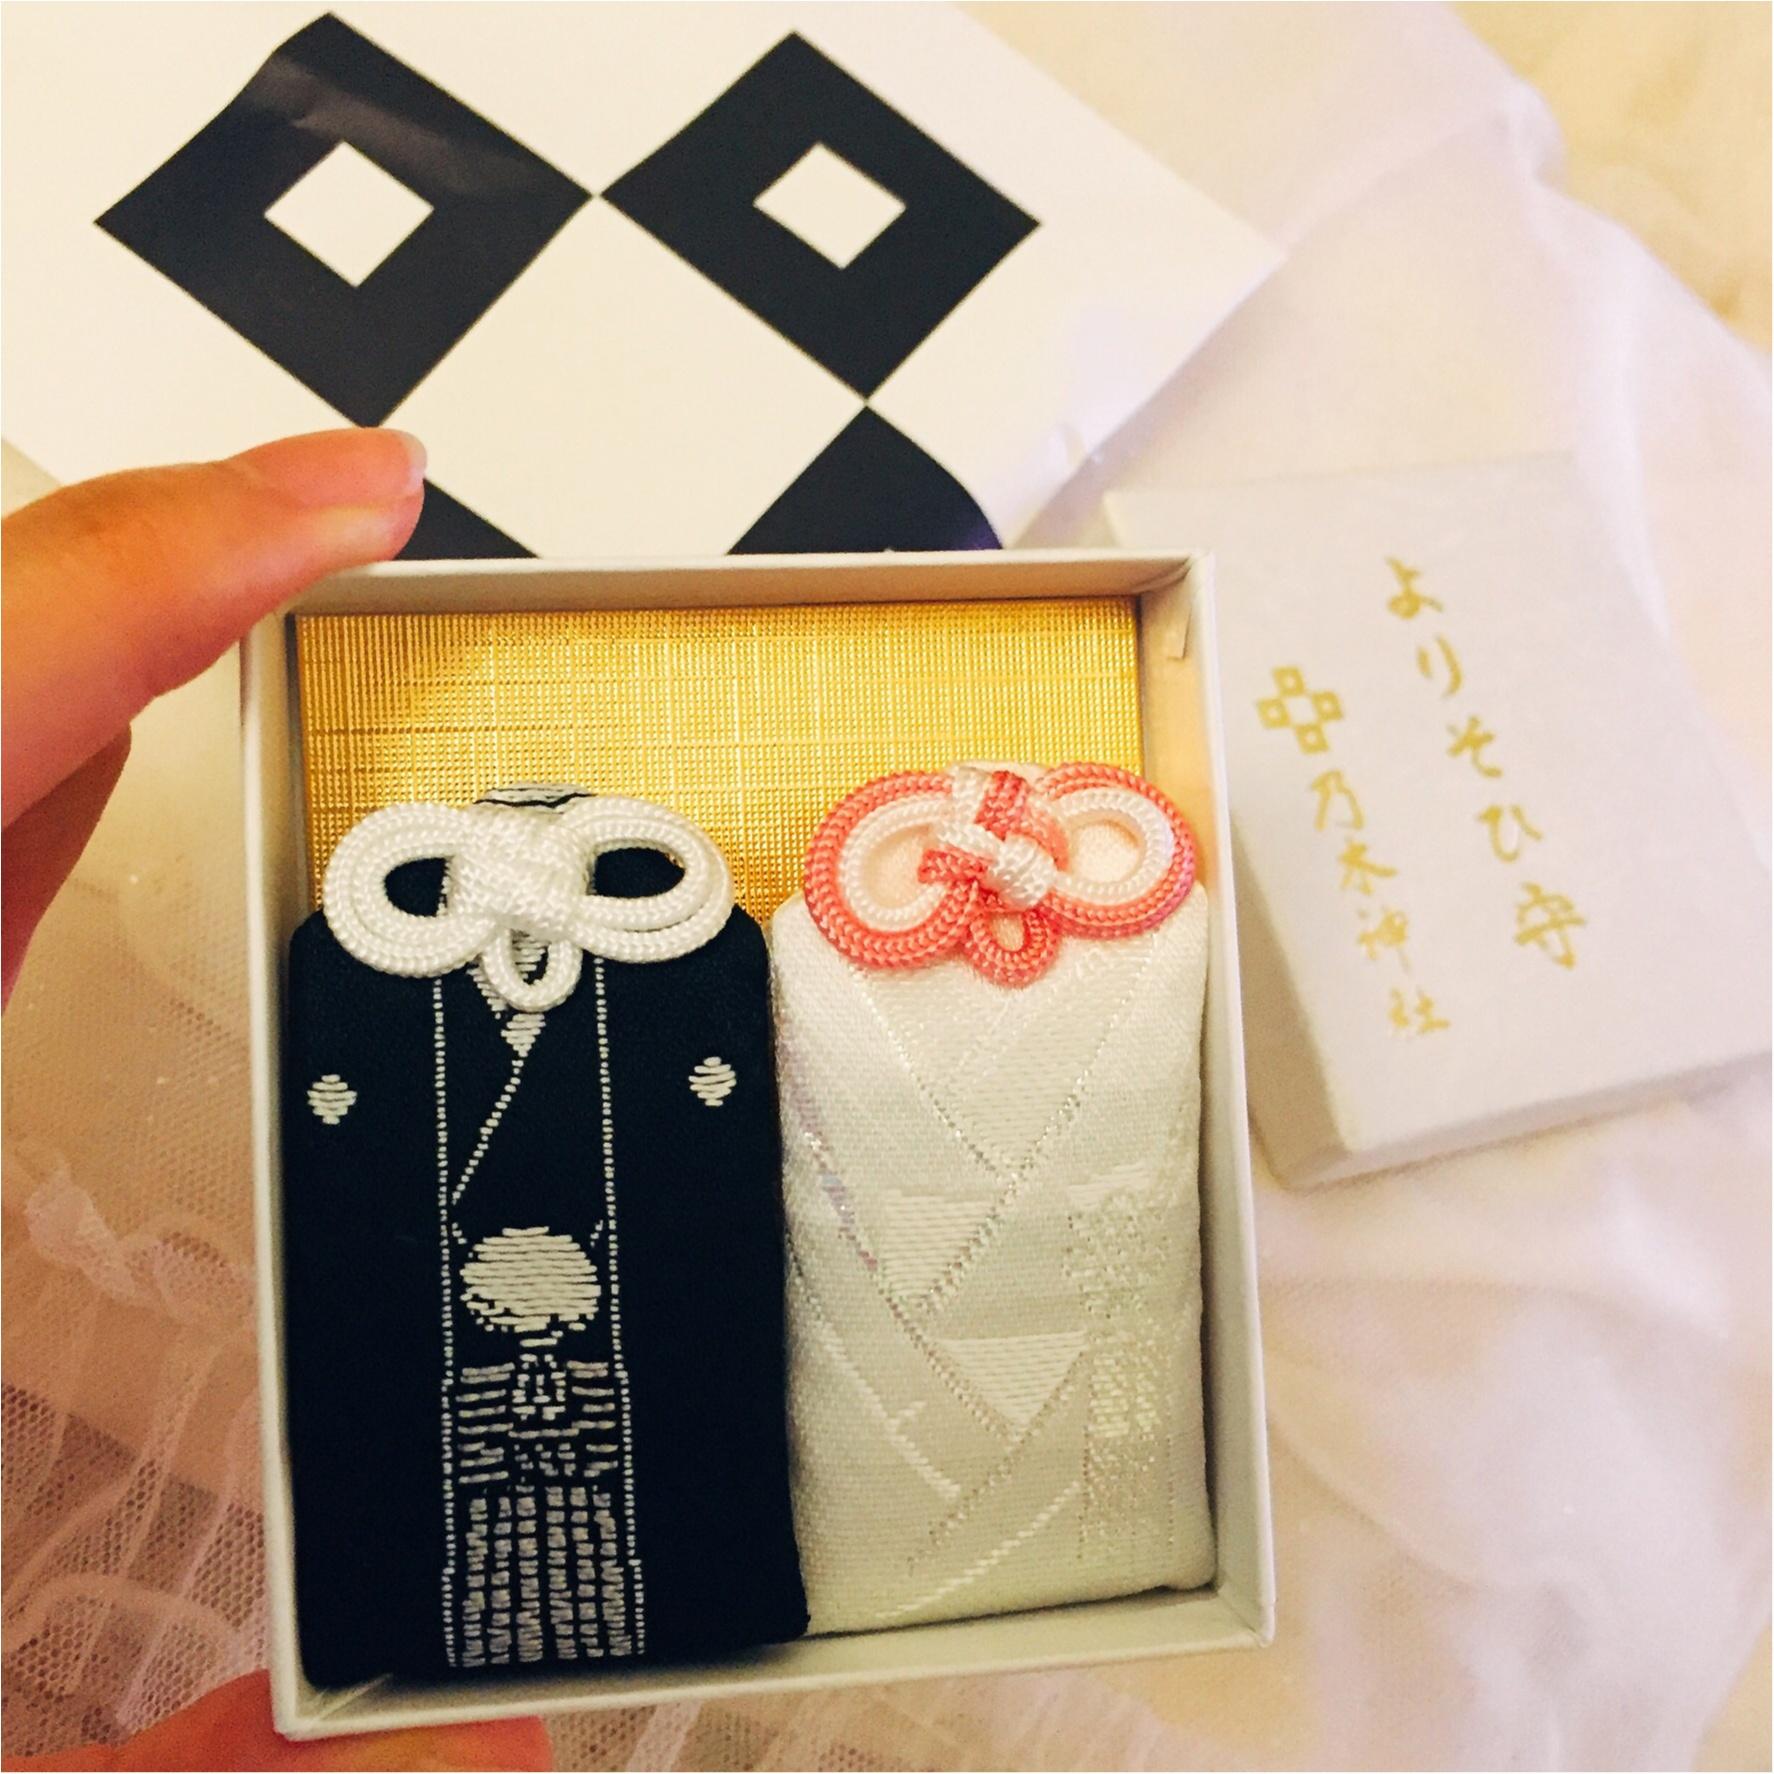 婚約祝い・結婚祝いのプレゼントに♡紋服・白無垢をあしらった『よりそひ守』が可愛すぎる!_3